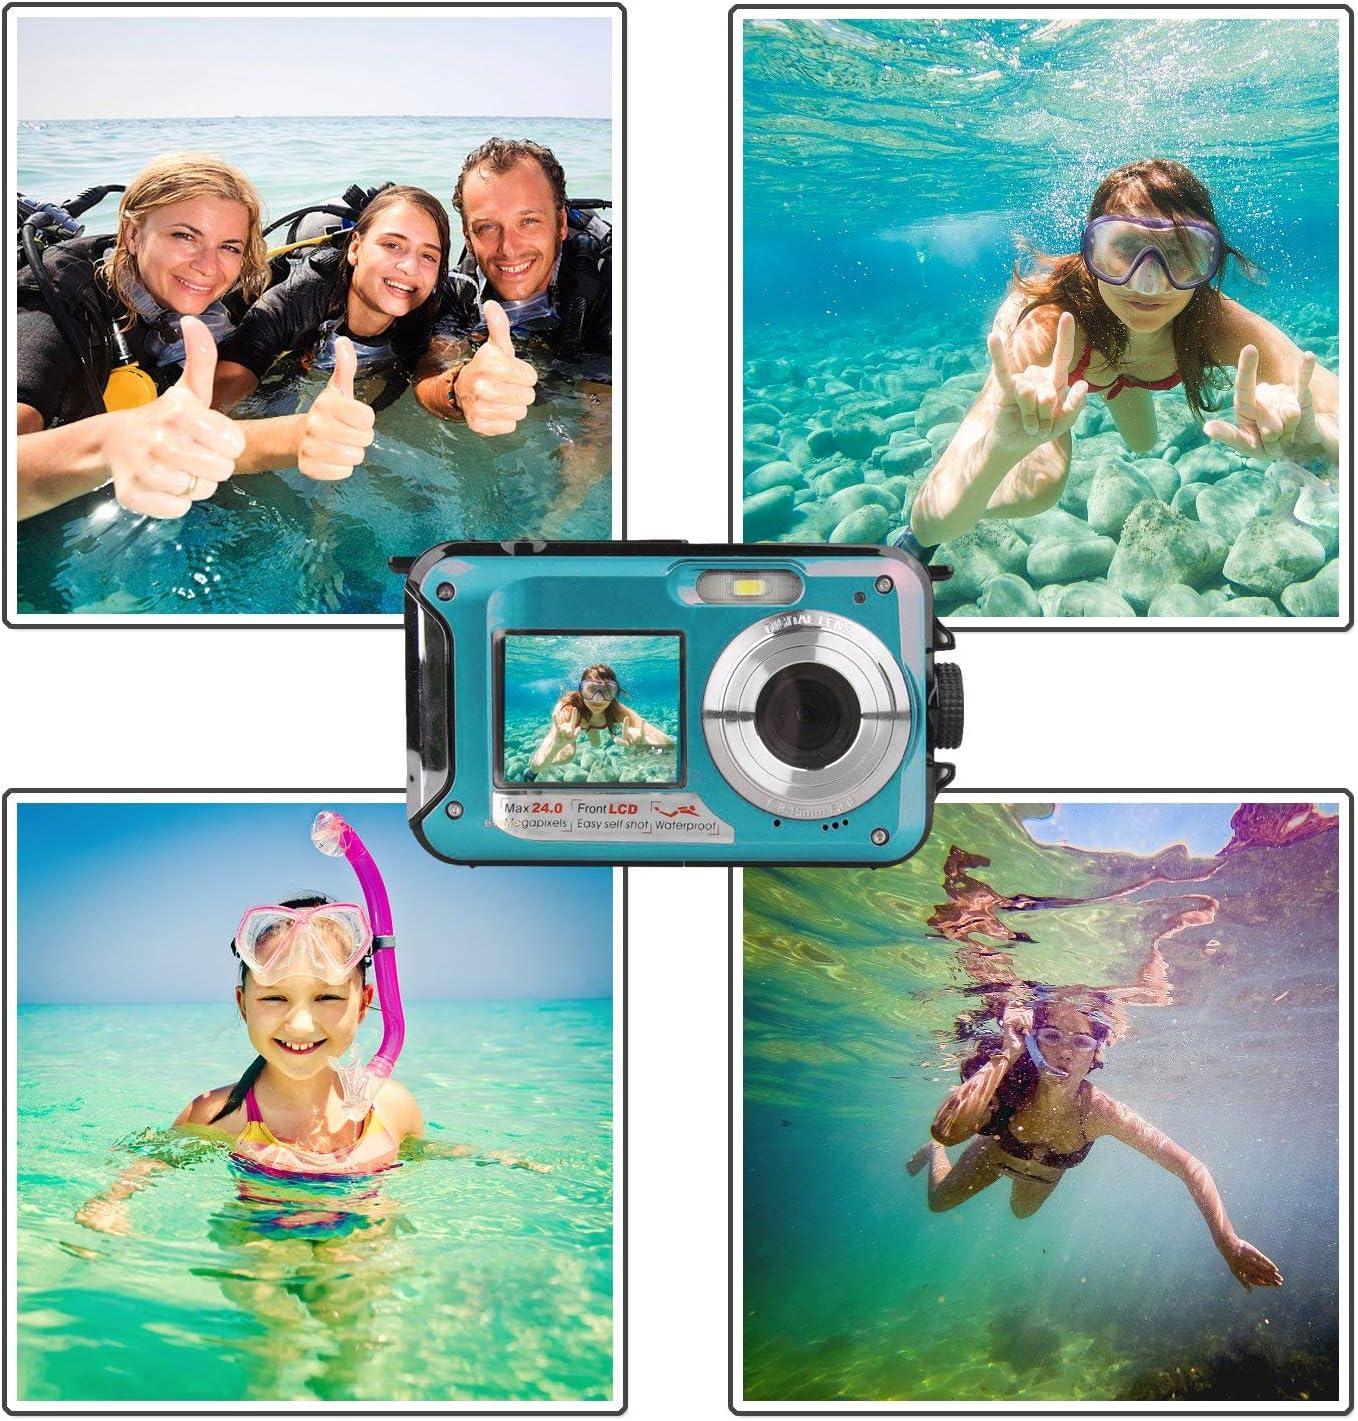 vacaciones Dos impermeable las cámaras desechables de un solo uso de Fuji-playa piscina